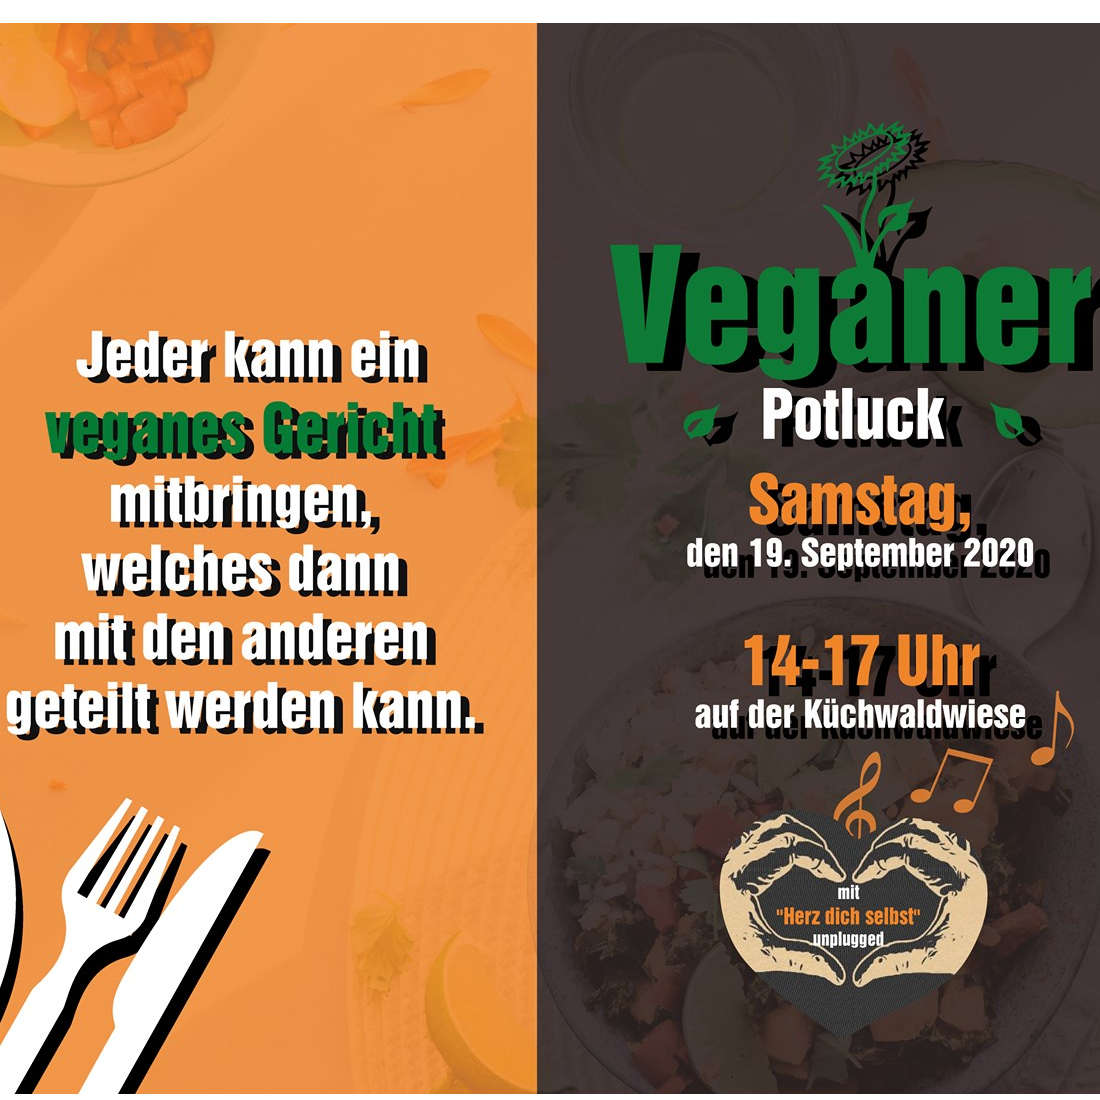 Veganer Potluck Chemnitz